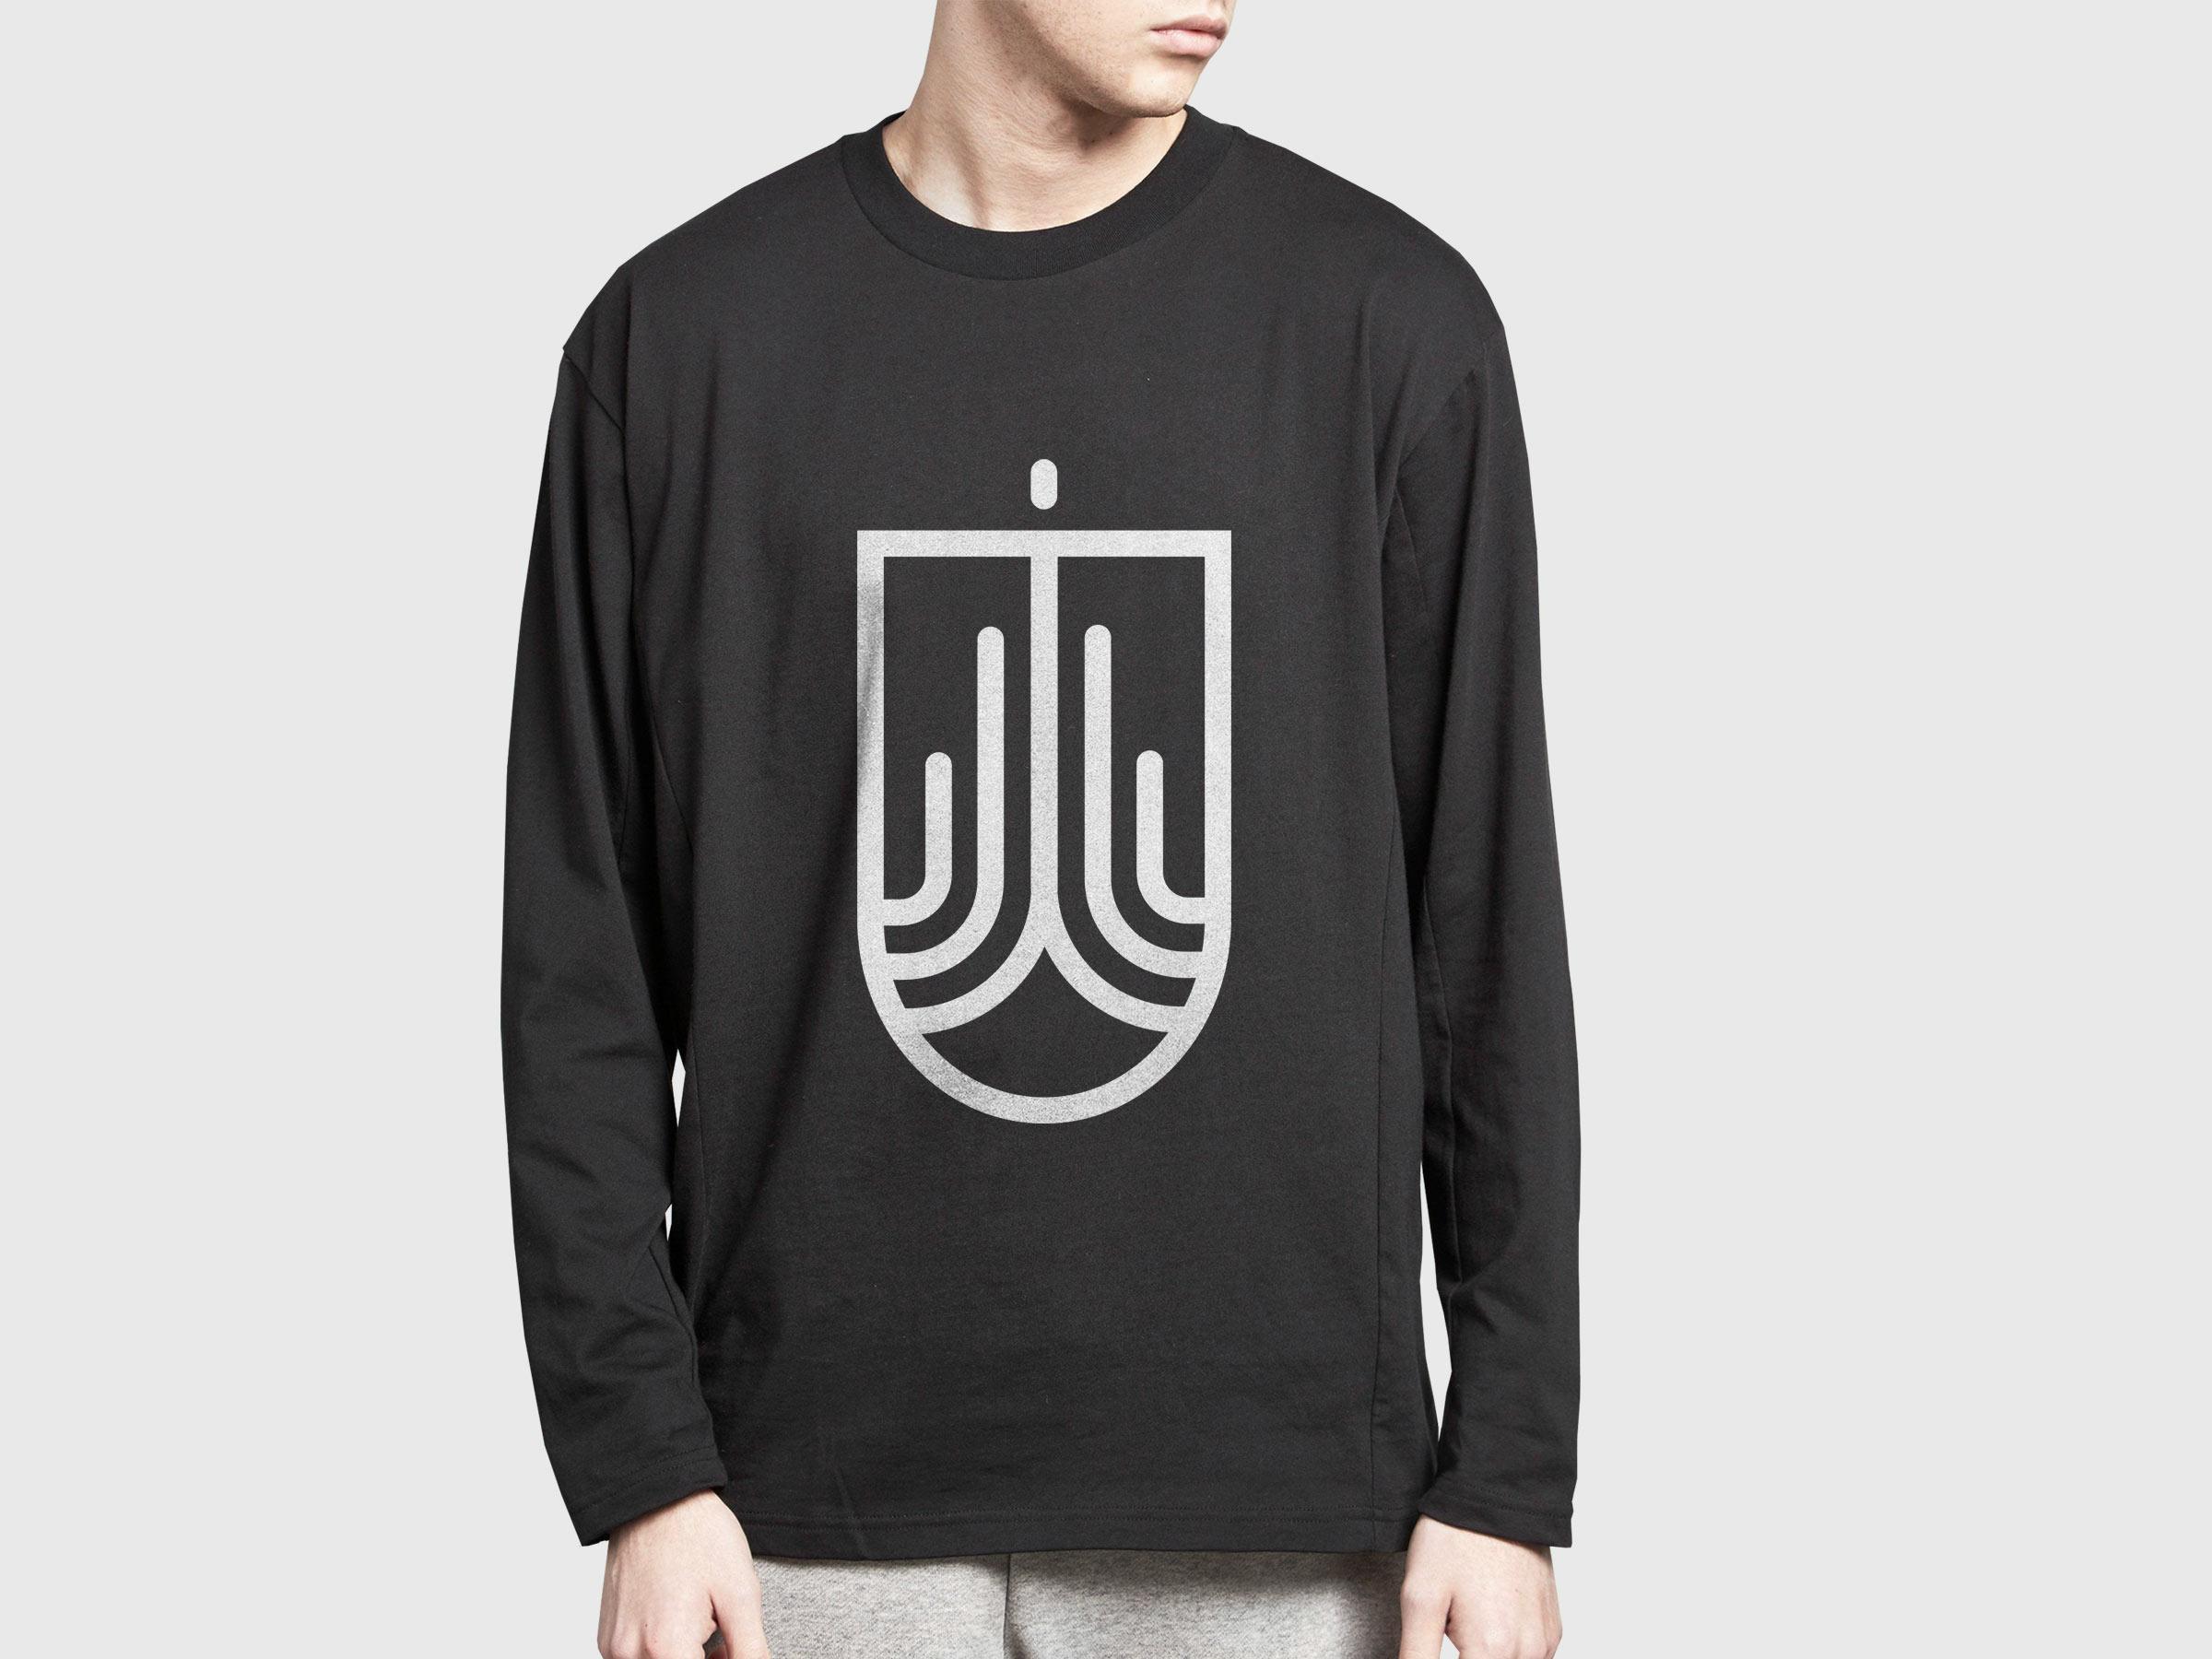 Davi sweatshirt